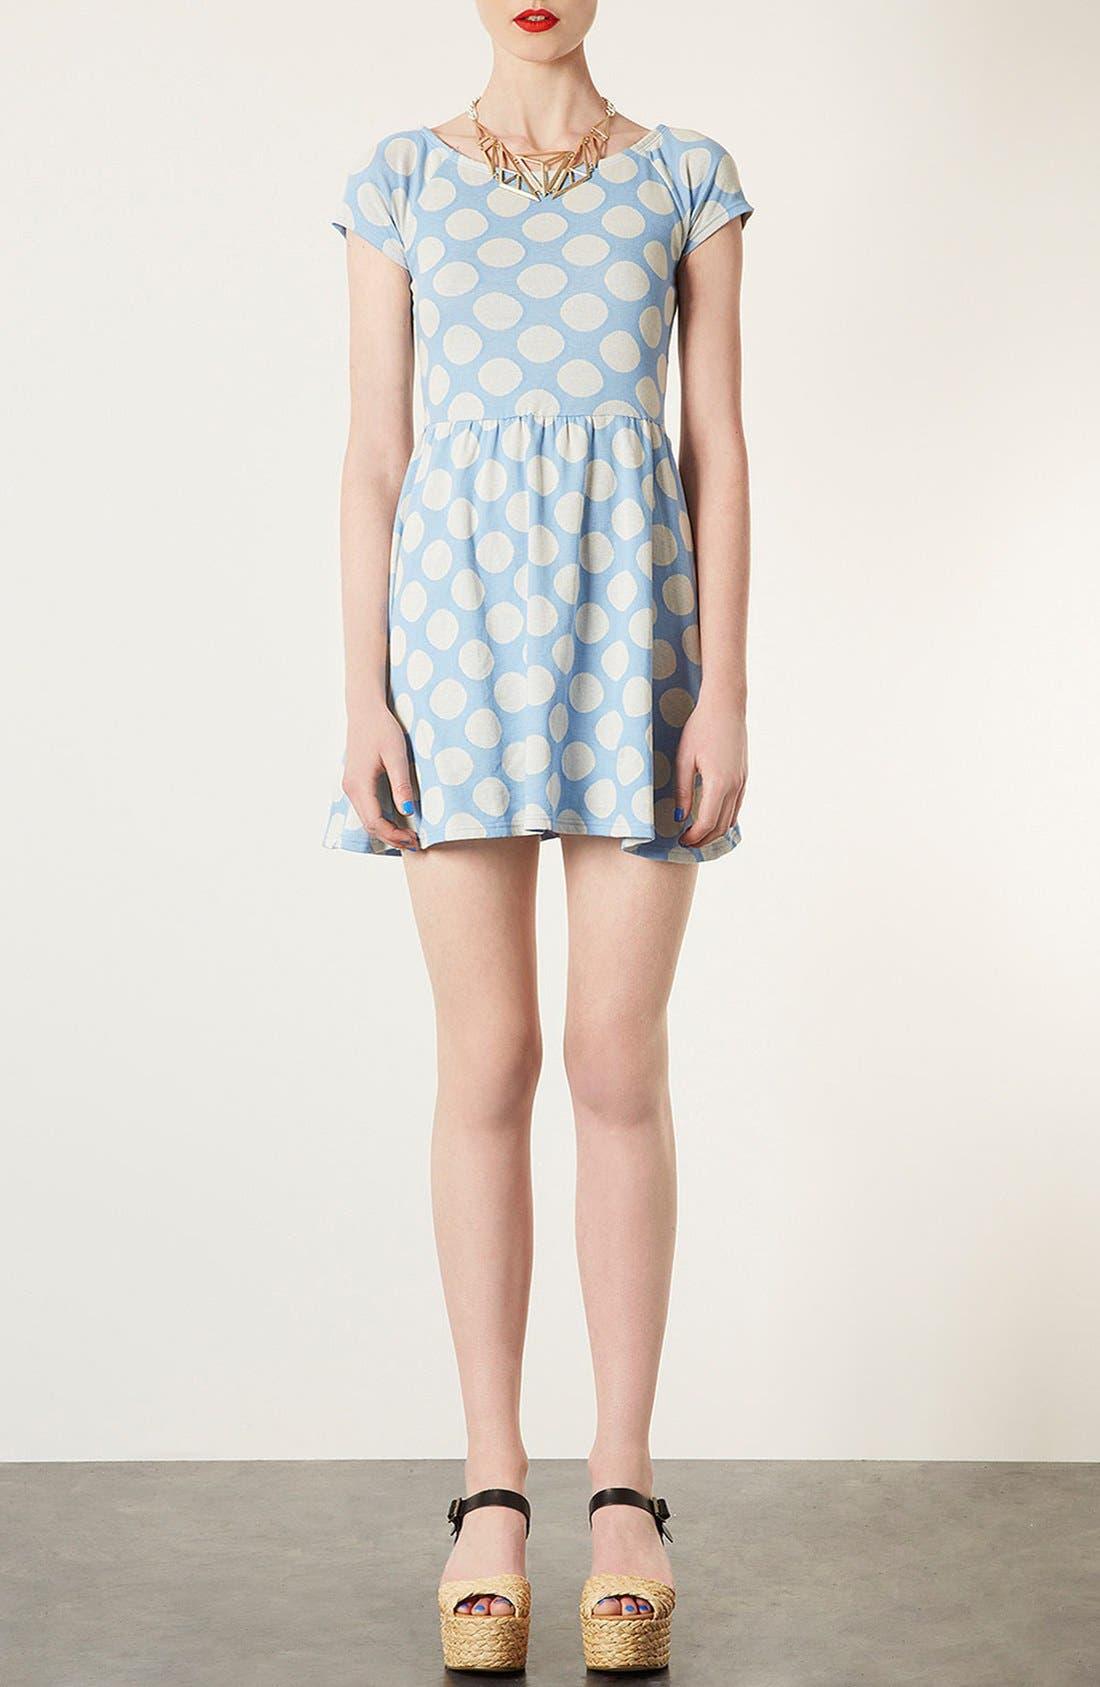 Main Image - Topshop Polka Dot Tunic Dress